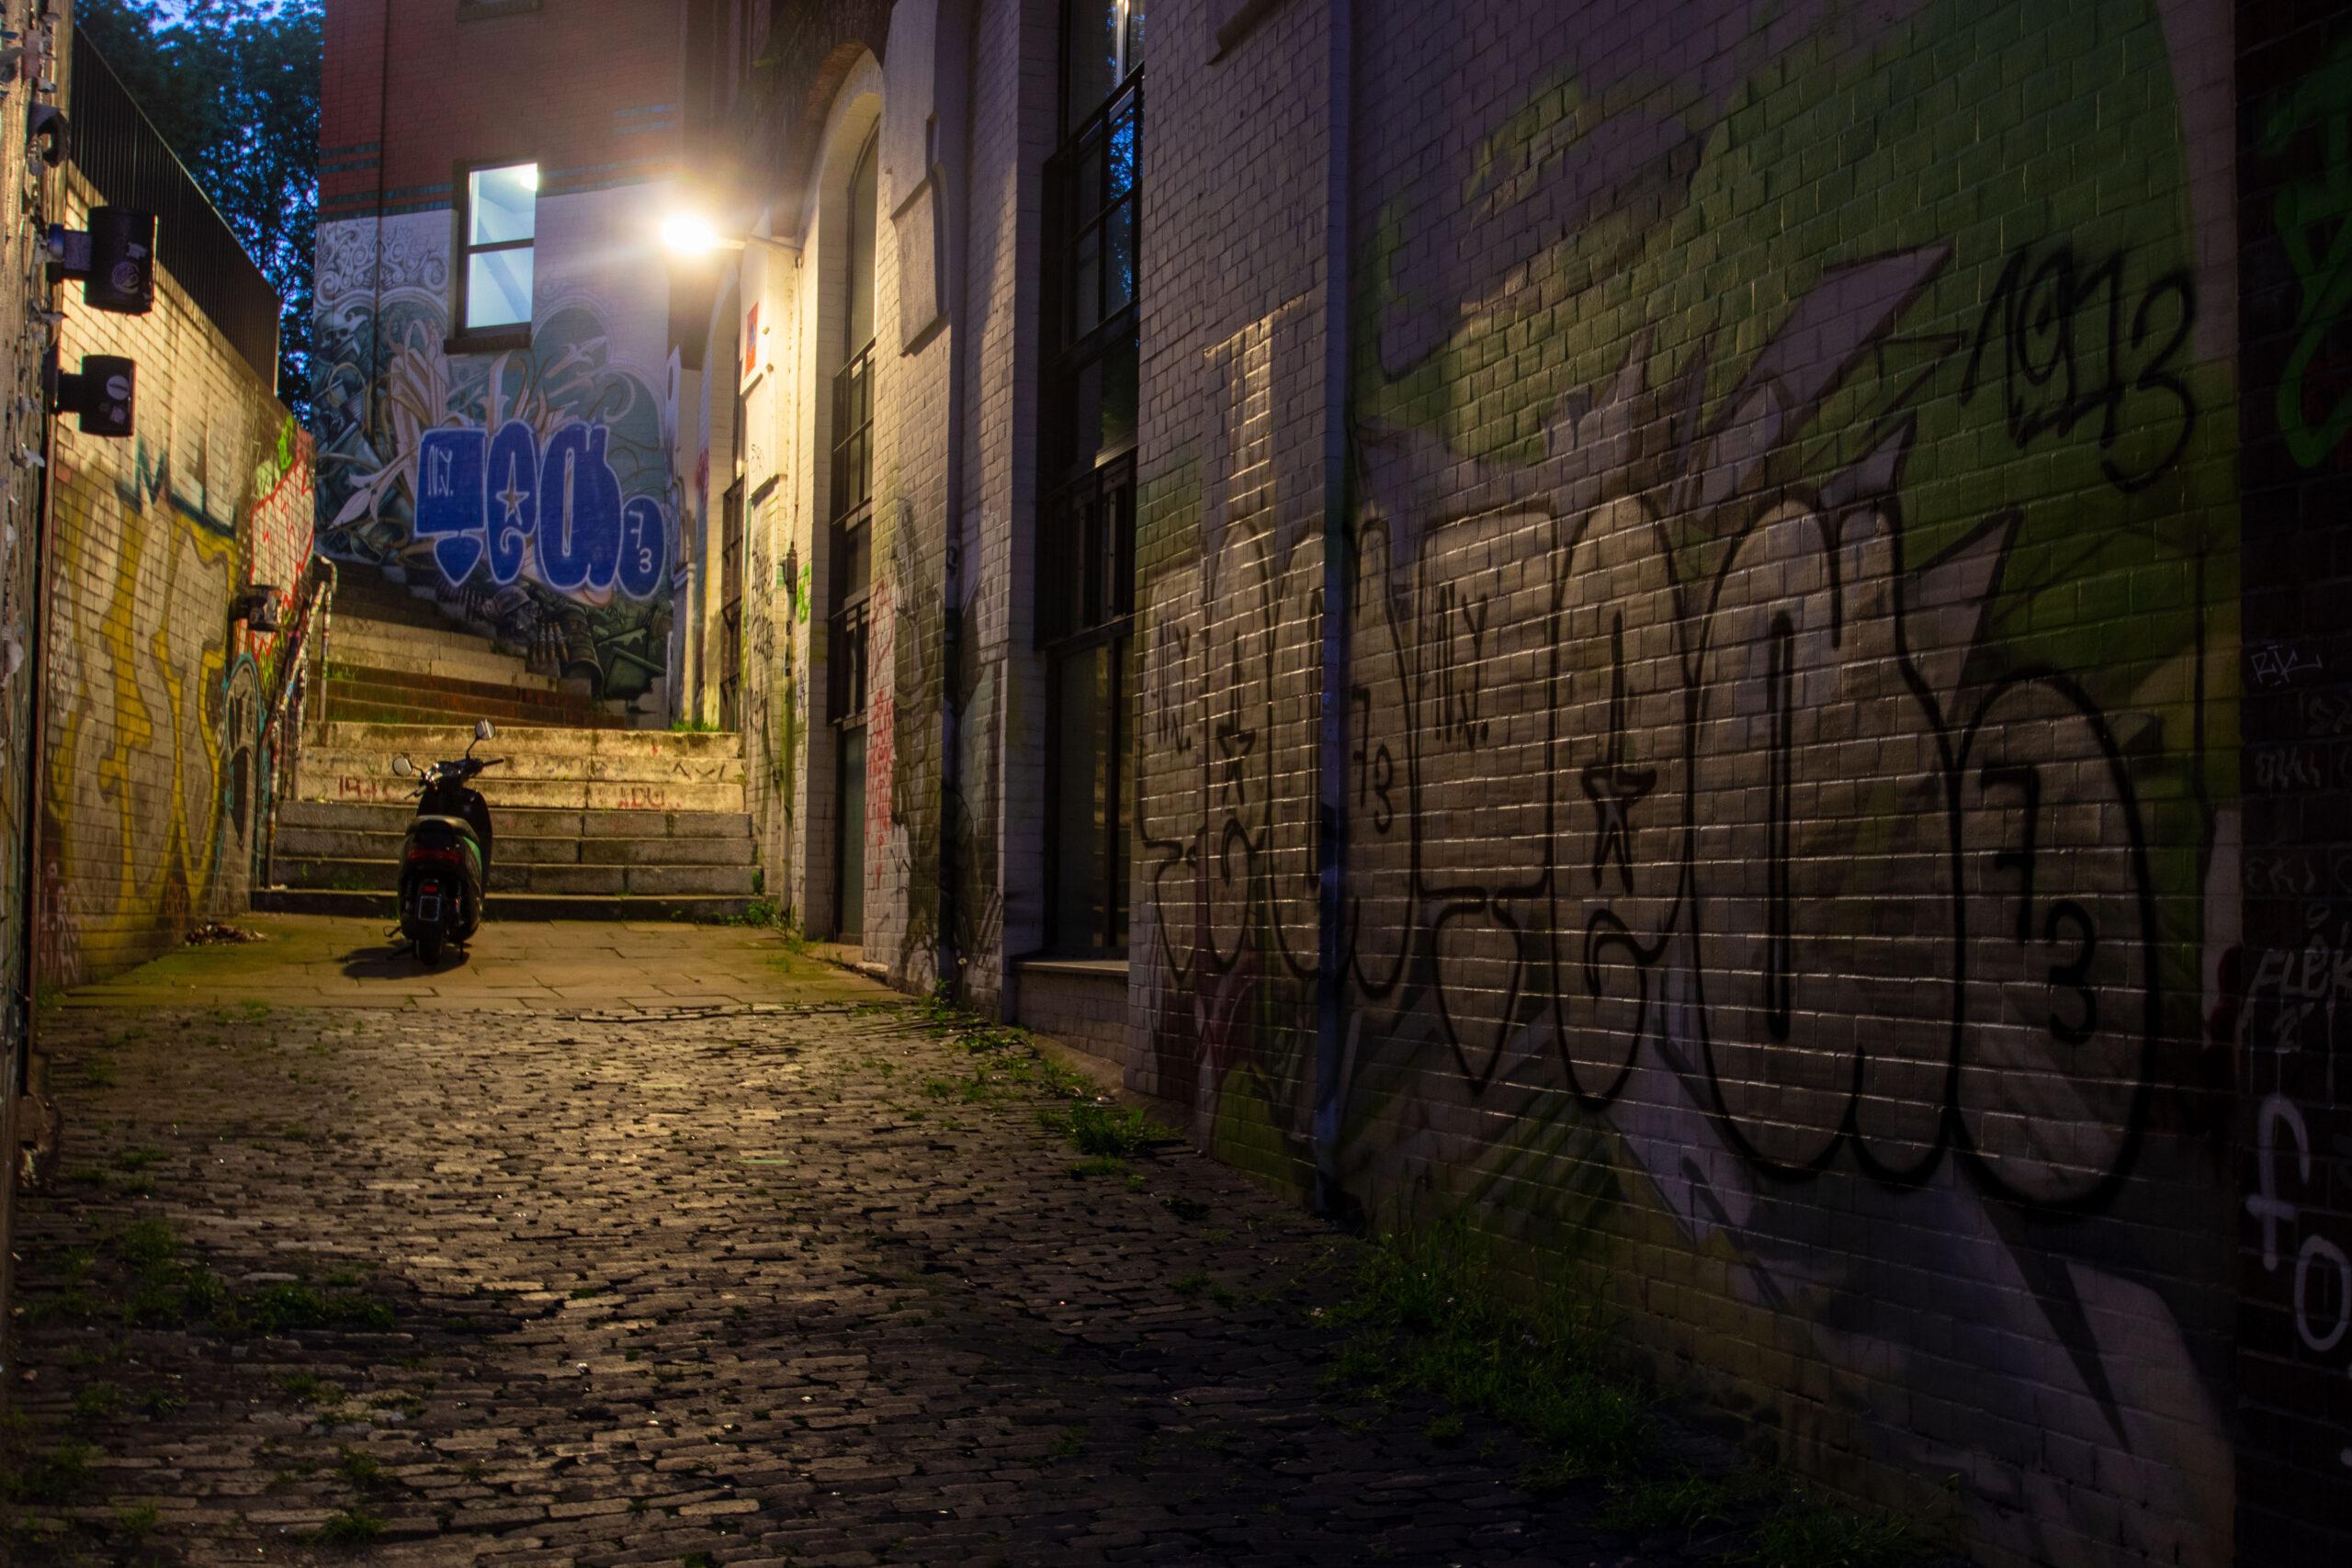 Bodo Jarren - Fischmarkt am Abend 01.06.2021 - Roller aus der Ferne